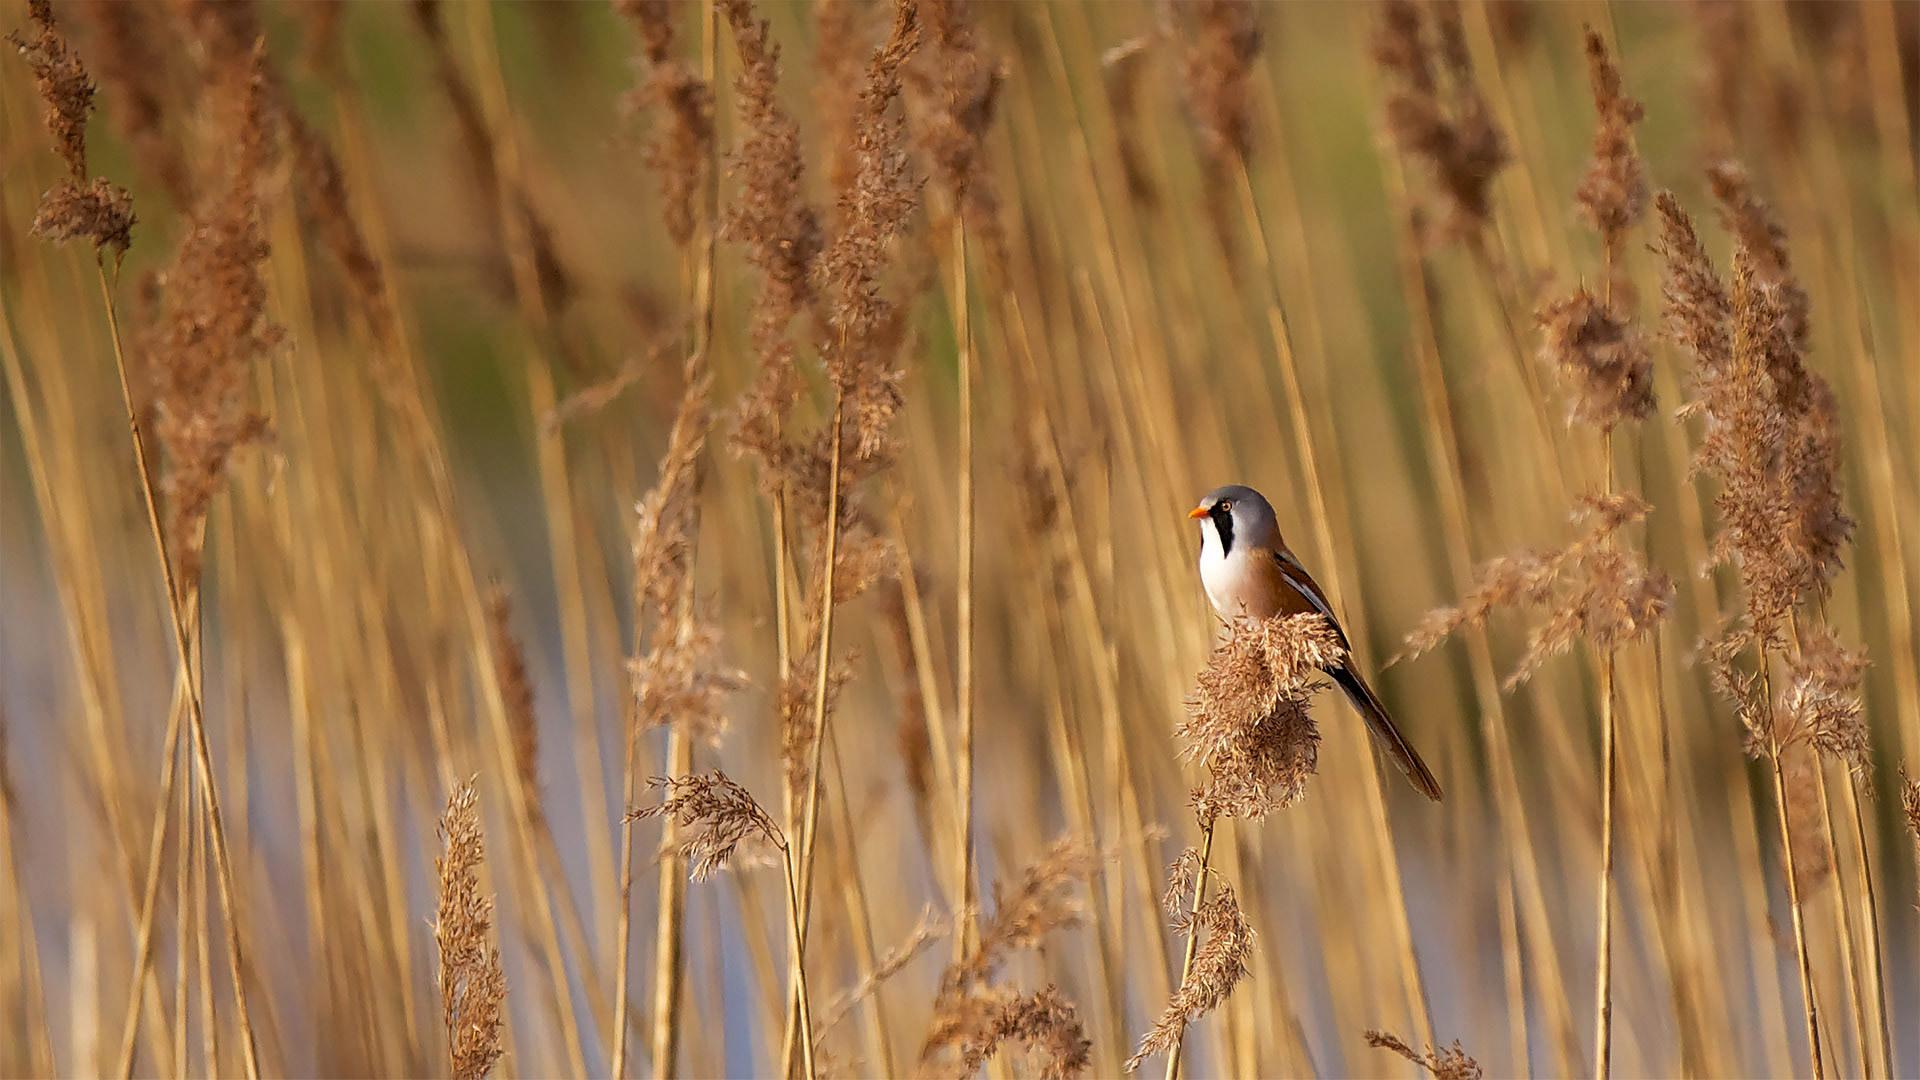 埃尔姆利国家自然保护区里的一只文须雀文须雀